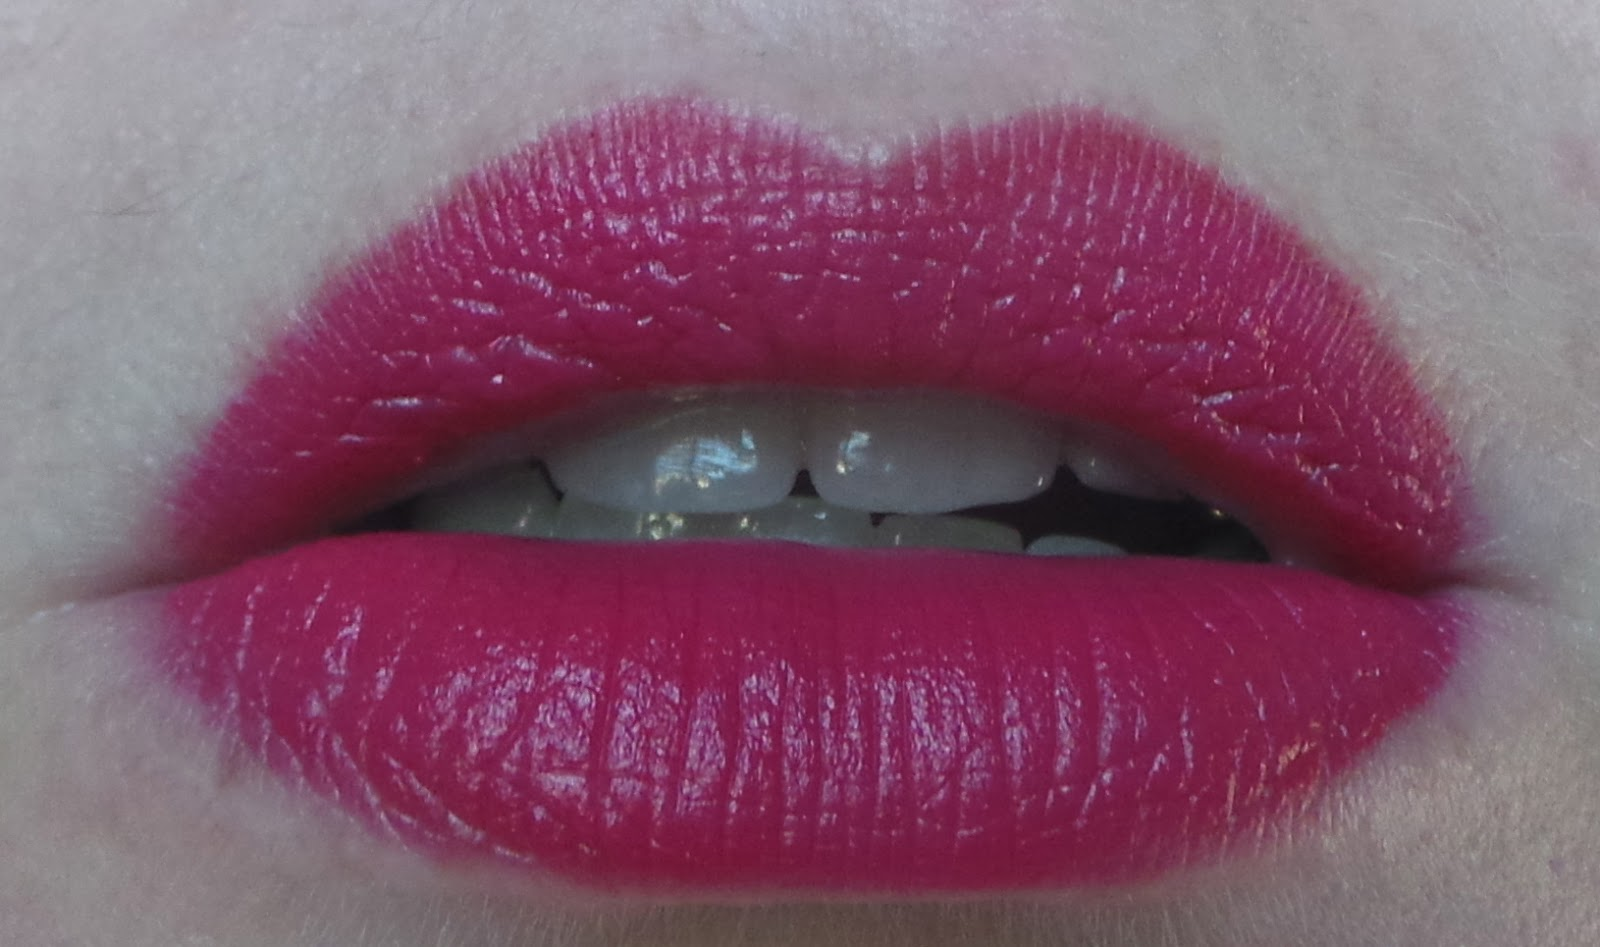 Christian Louboutin Lipsticks review Bengali velvet matte